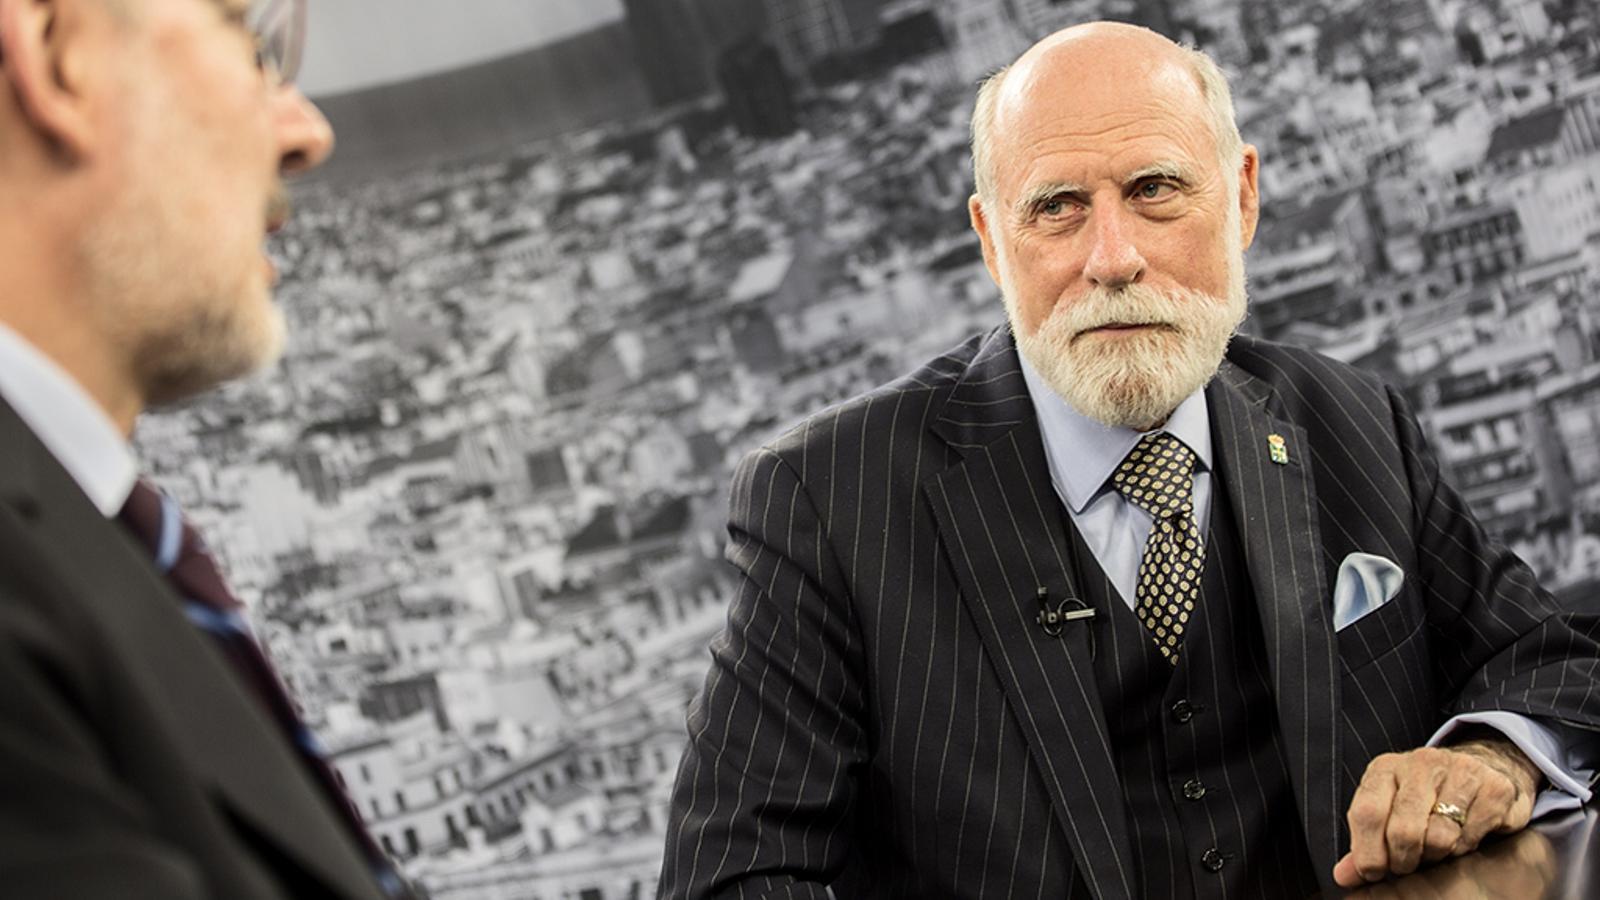 """Vinton Cerf: """"D'aquí 50 anys, els  ordinadors seran capaços de veure el que veiem, escoltar el que escoltem i formaran part de la nostra conversa"""""""